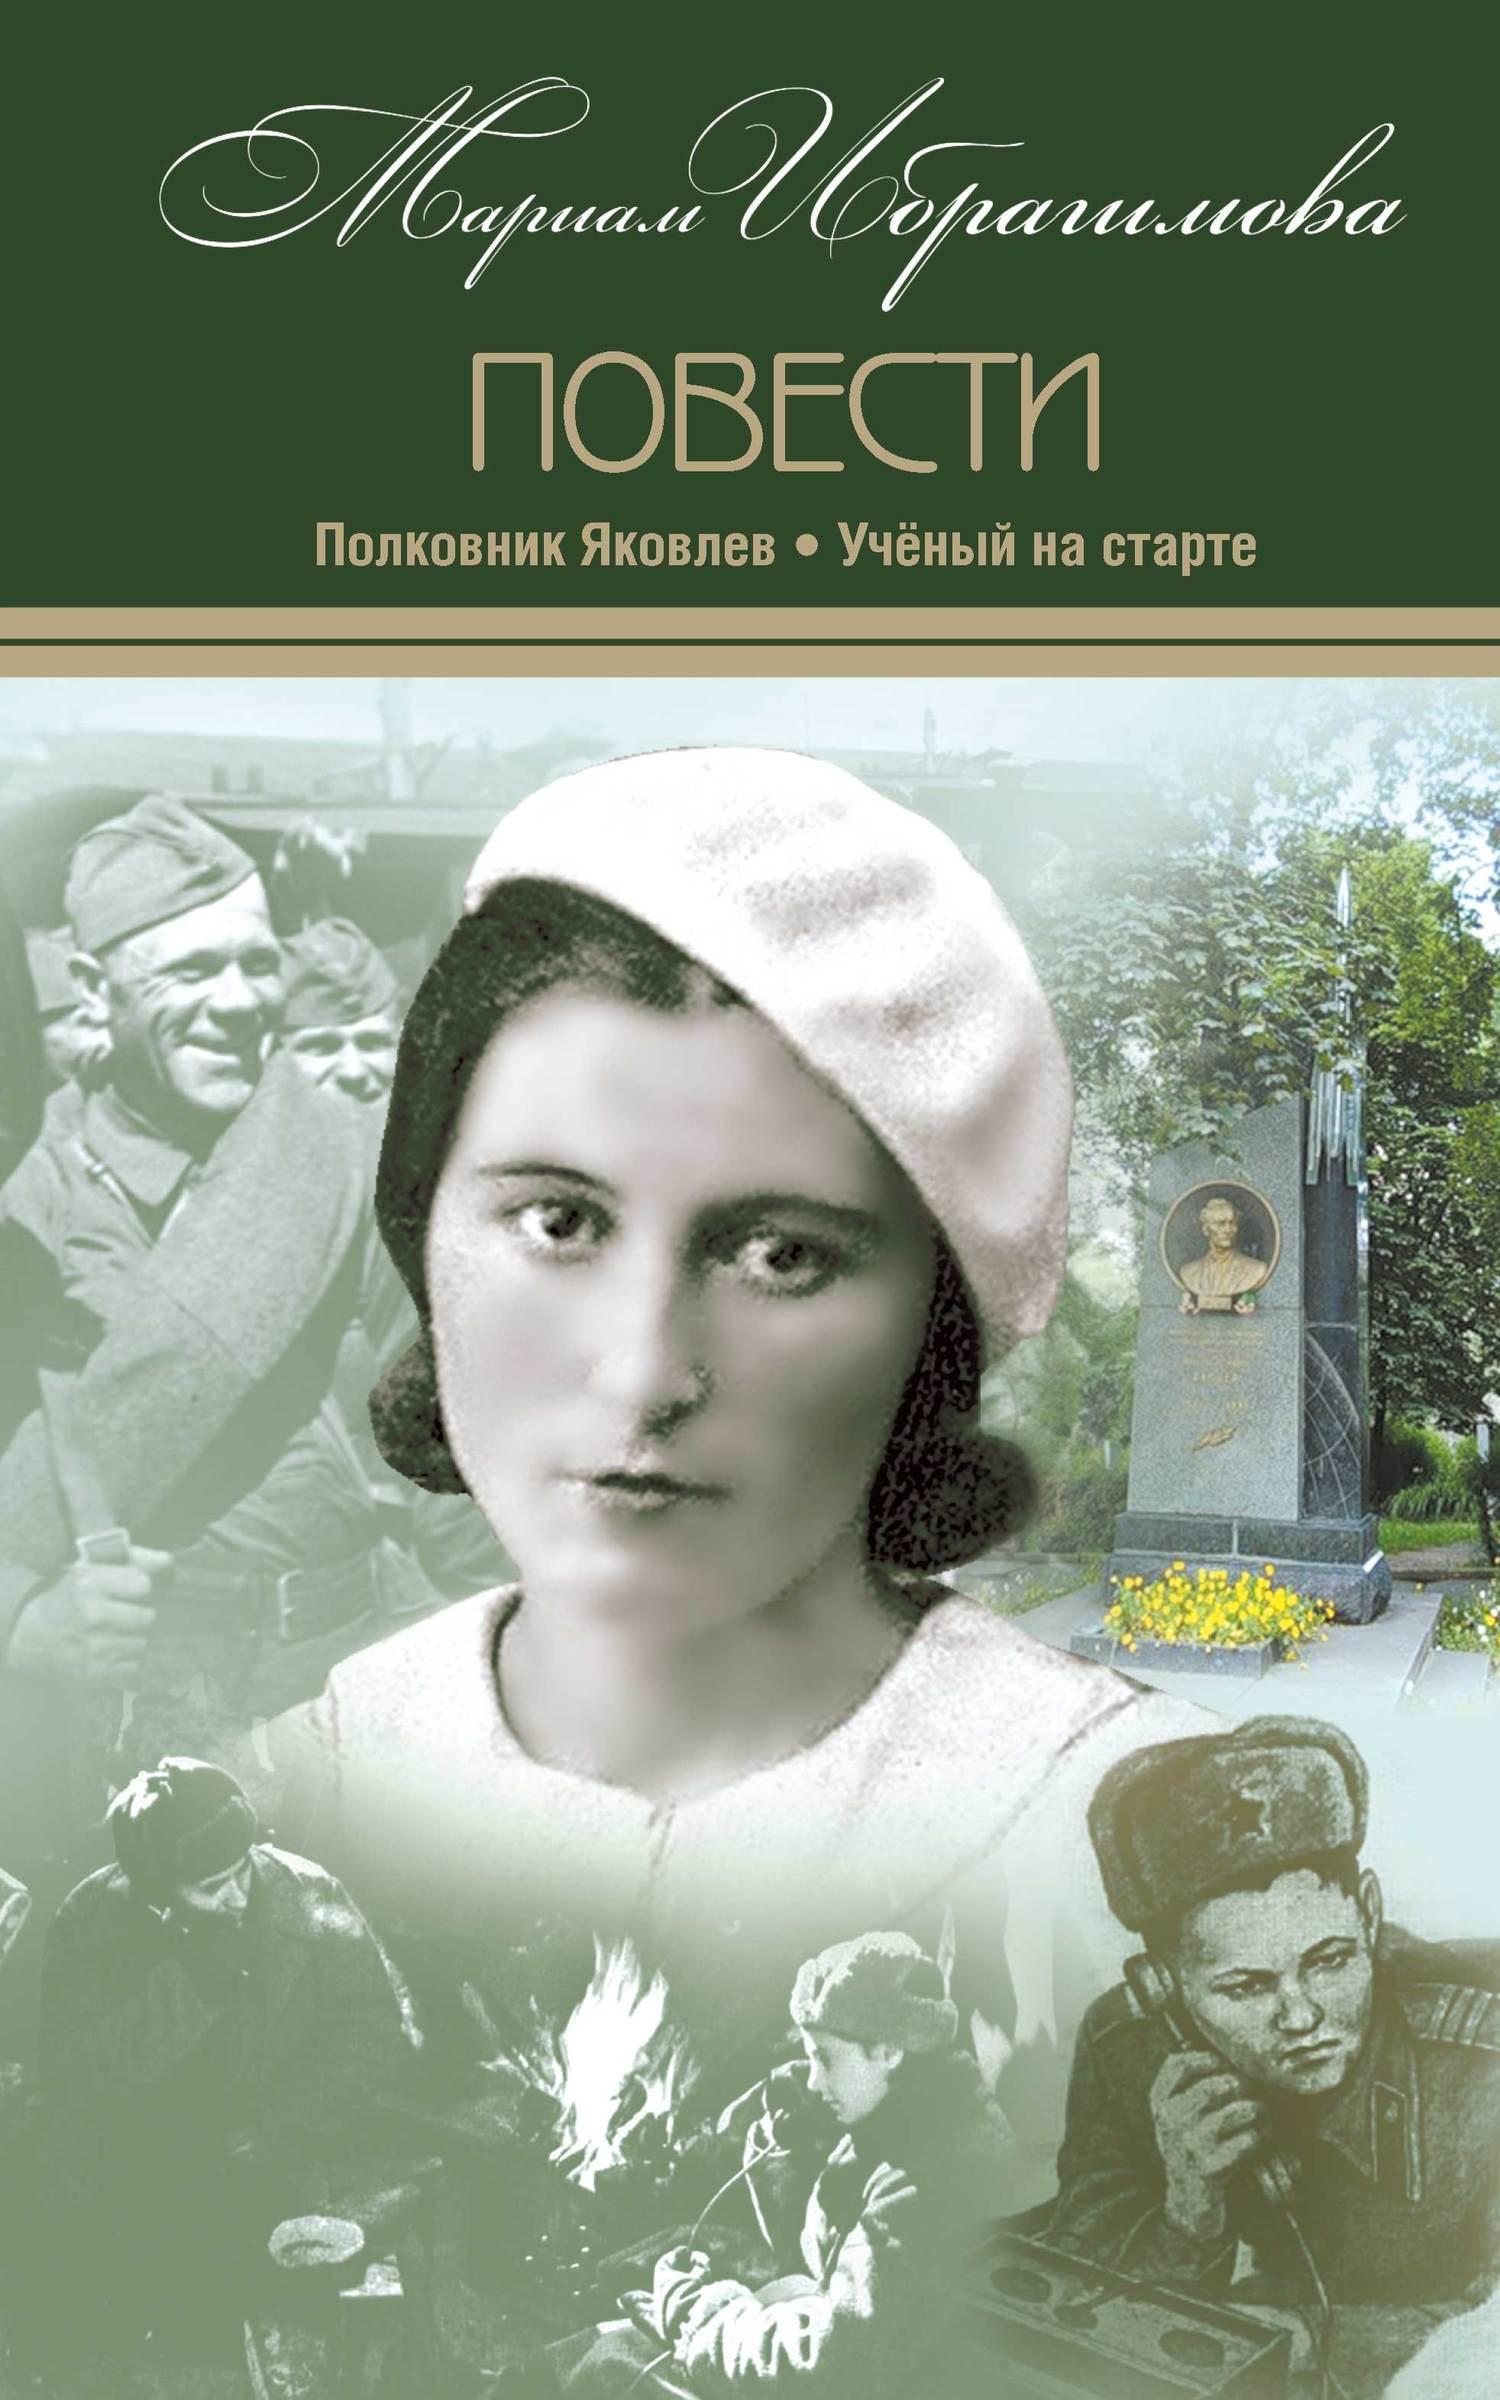 Мариам Ибрагимова - Полковник Яковлев. Ученый на старте